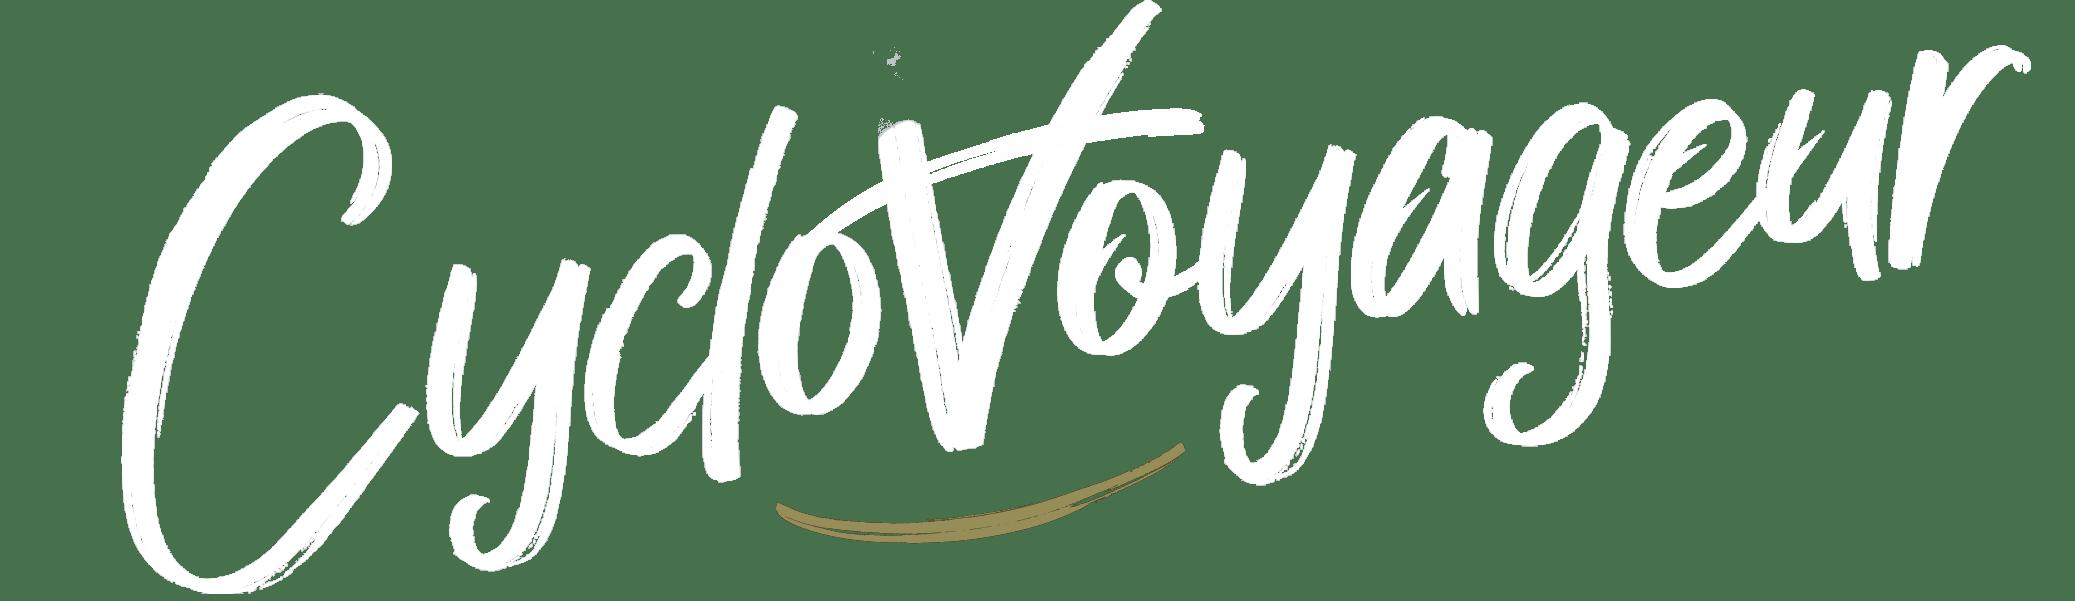 Cyclo Voyageur